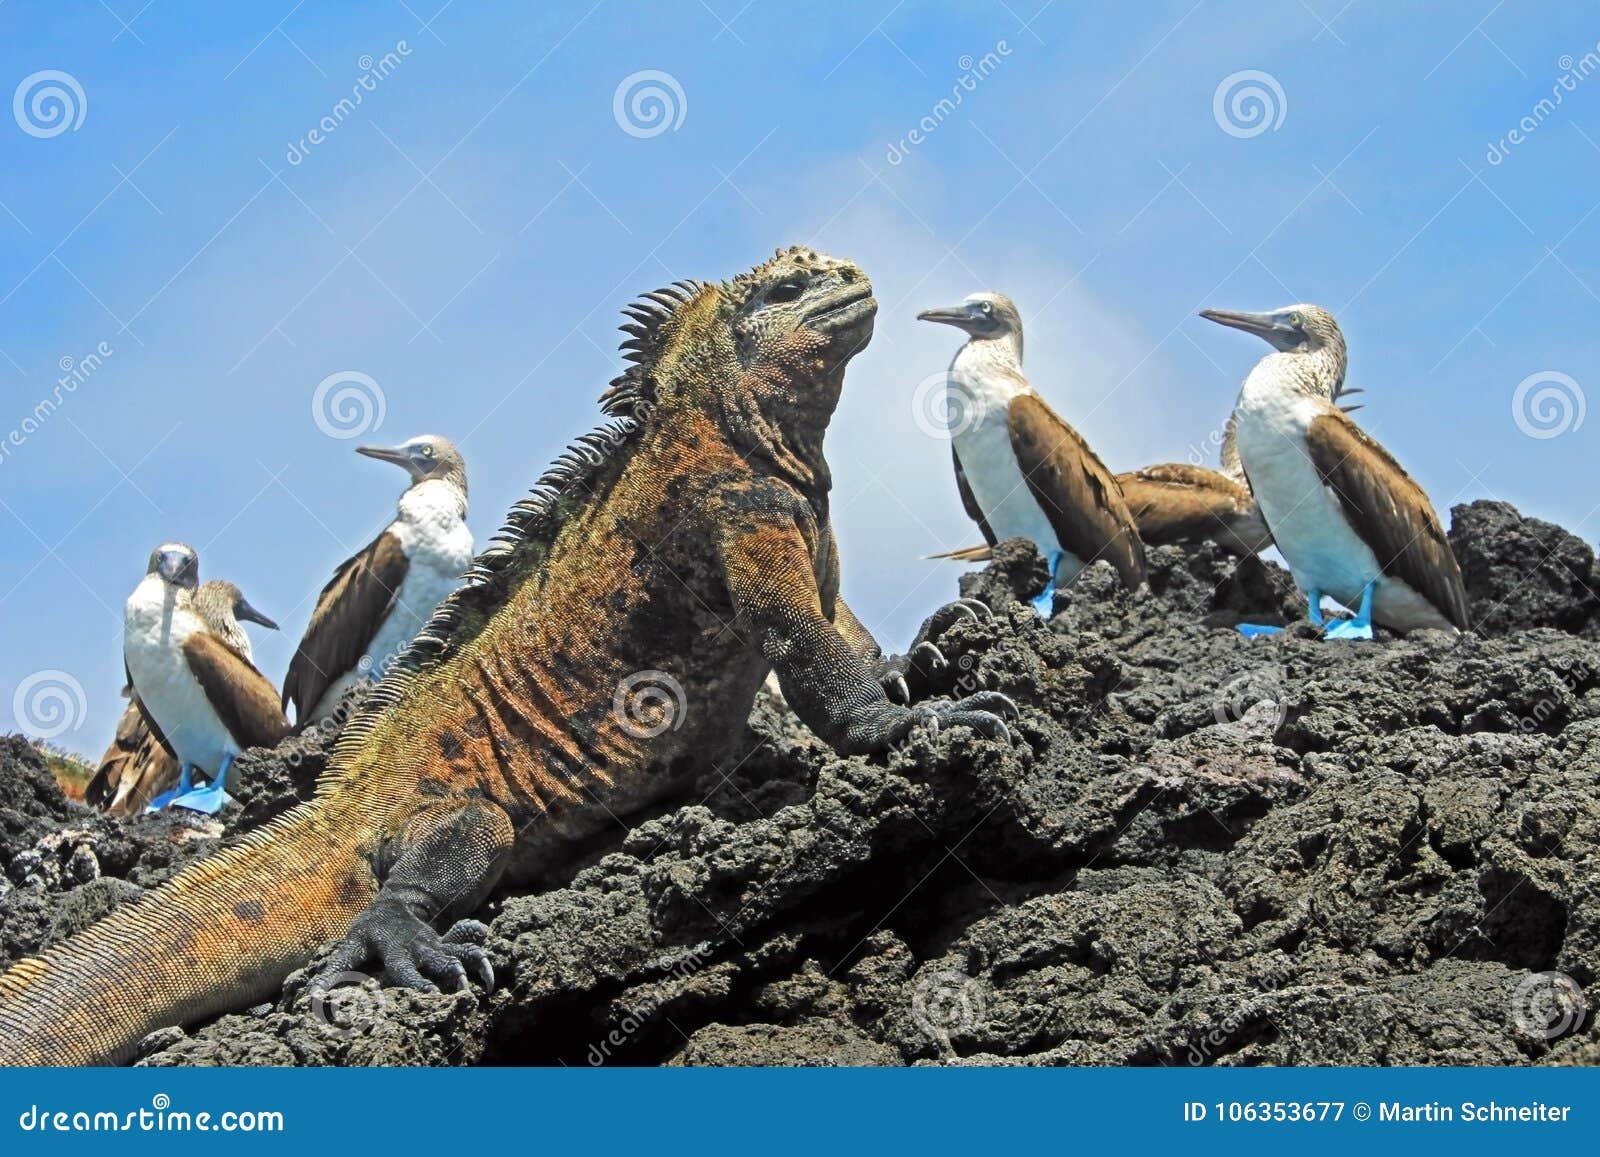 Marine iguana with blue footed boobies, booby, Sula nebouxii and Amblyrhynchus cristatus, on Isabela Island, Galapagos